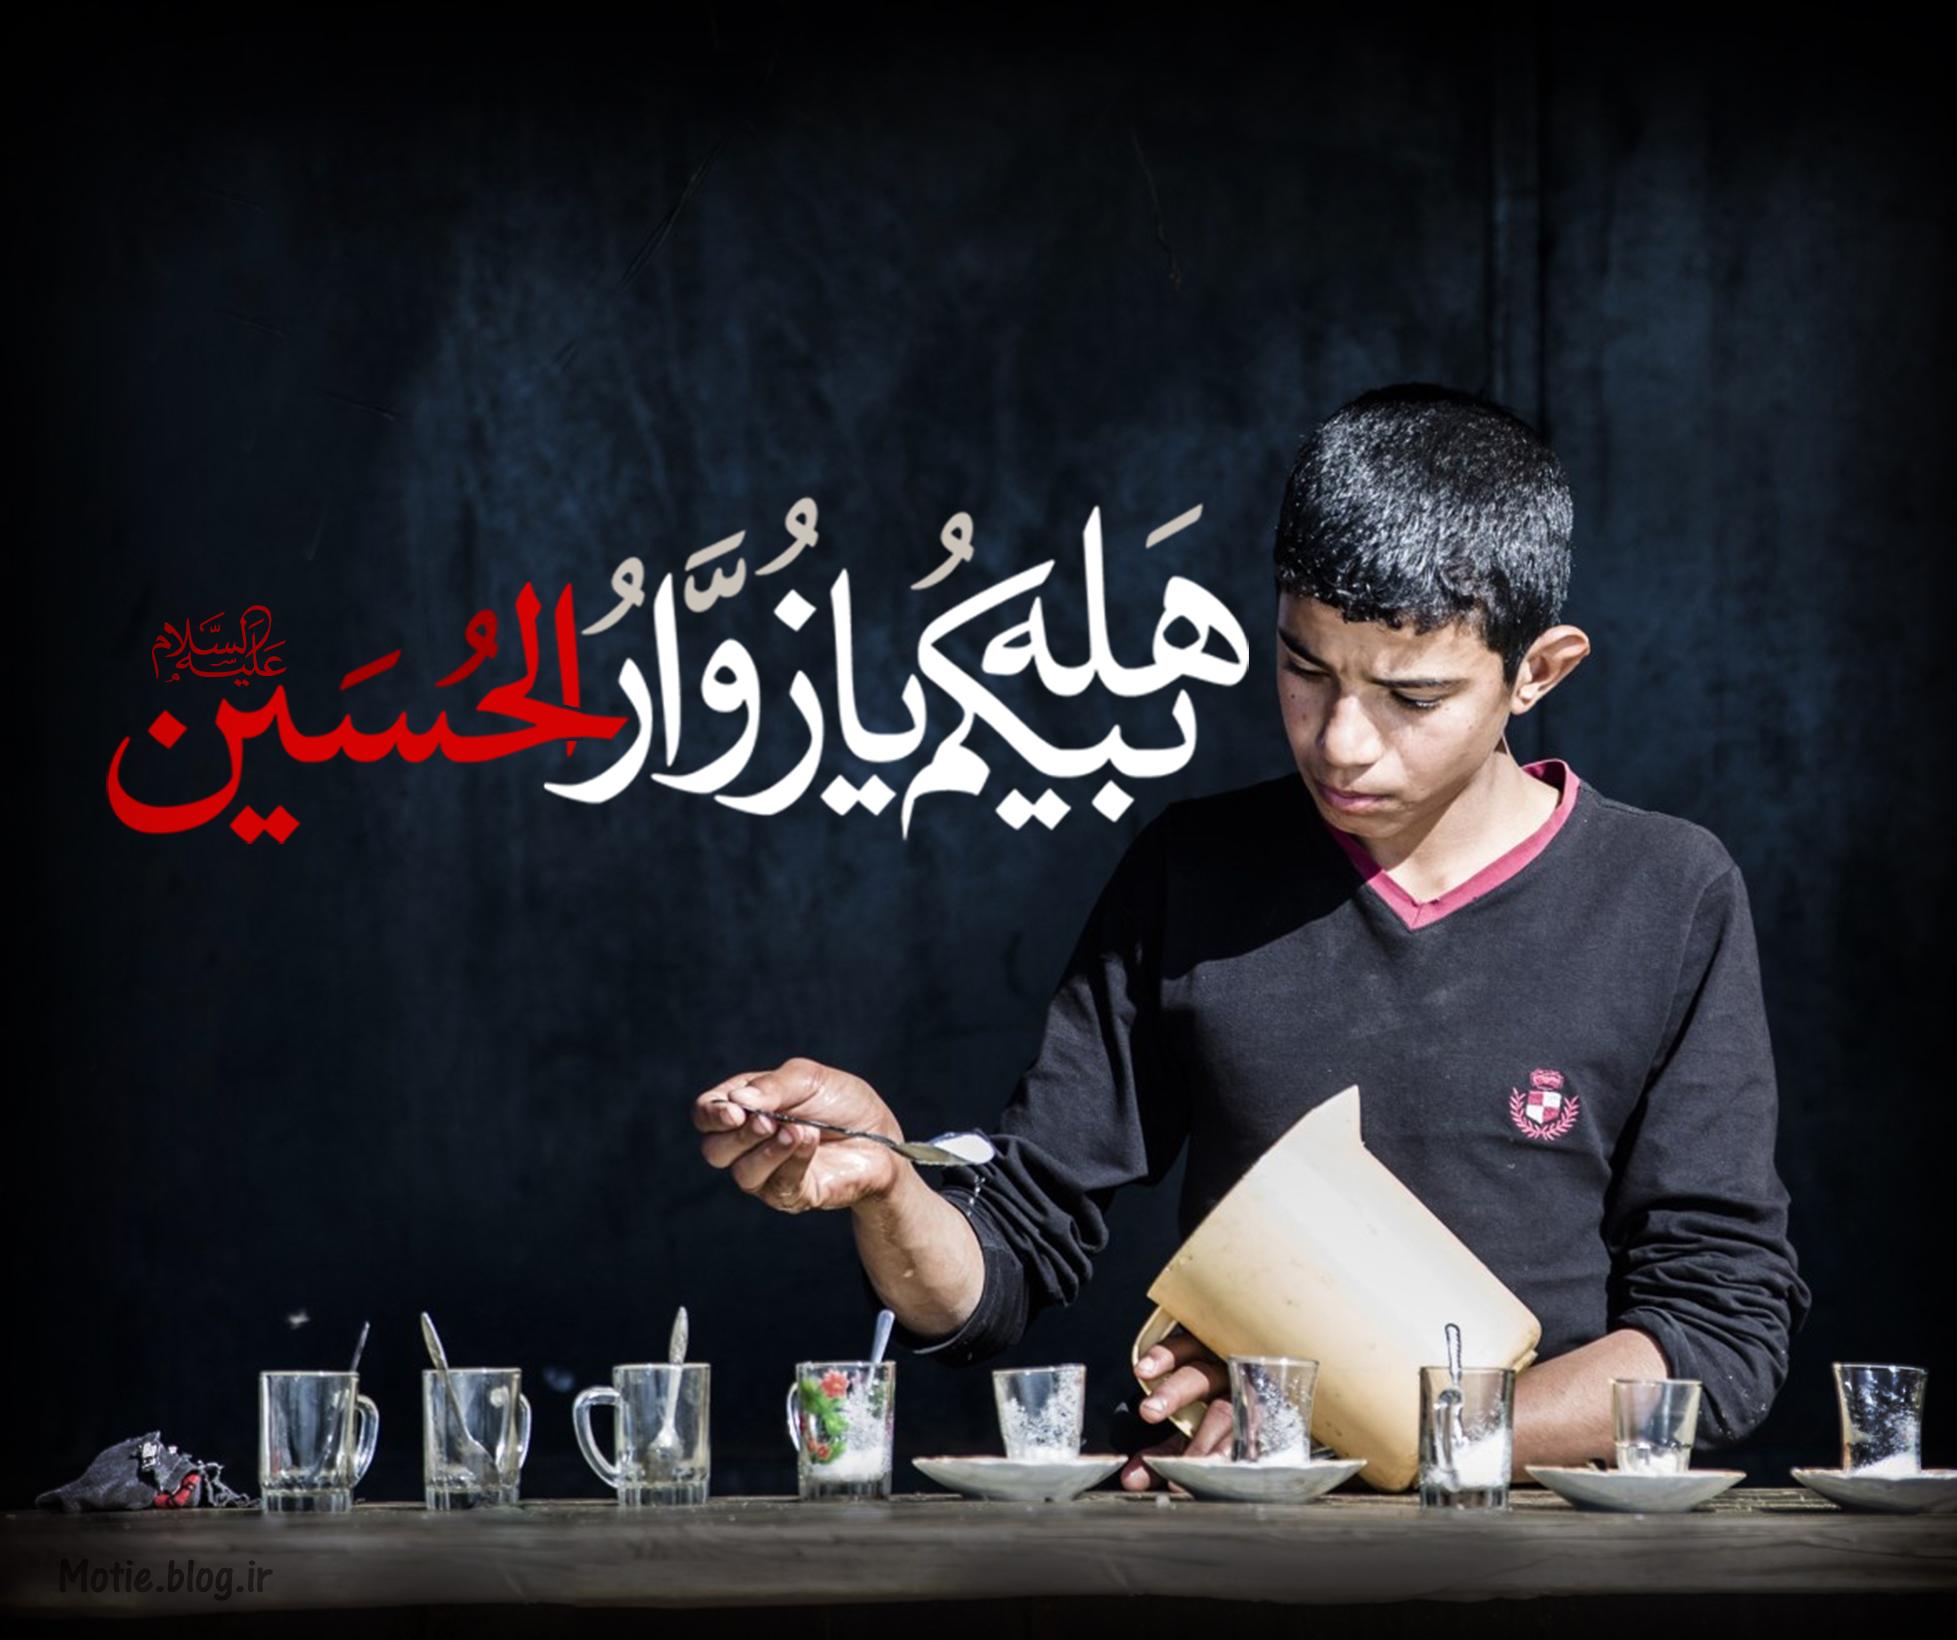 زیارت امام حسین (ع) از راه دور و با ذکر سلام هم مقبول است